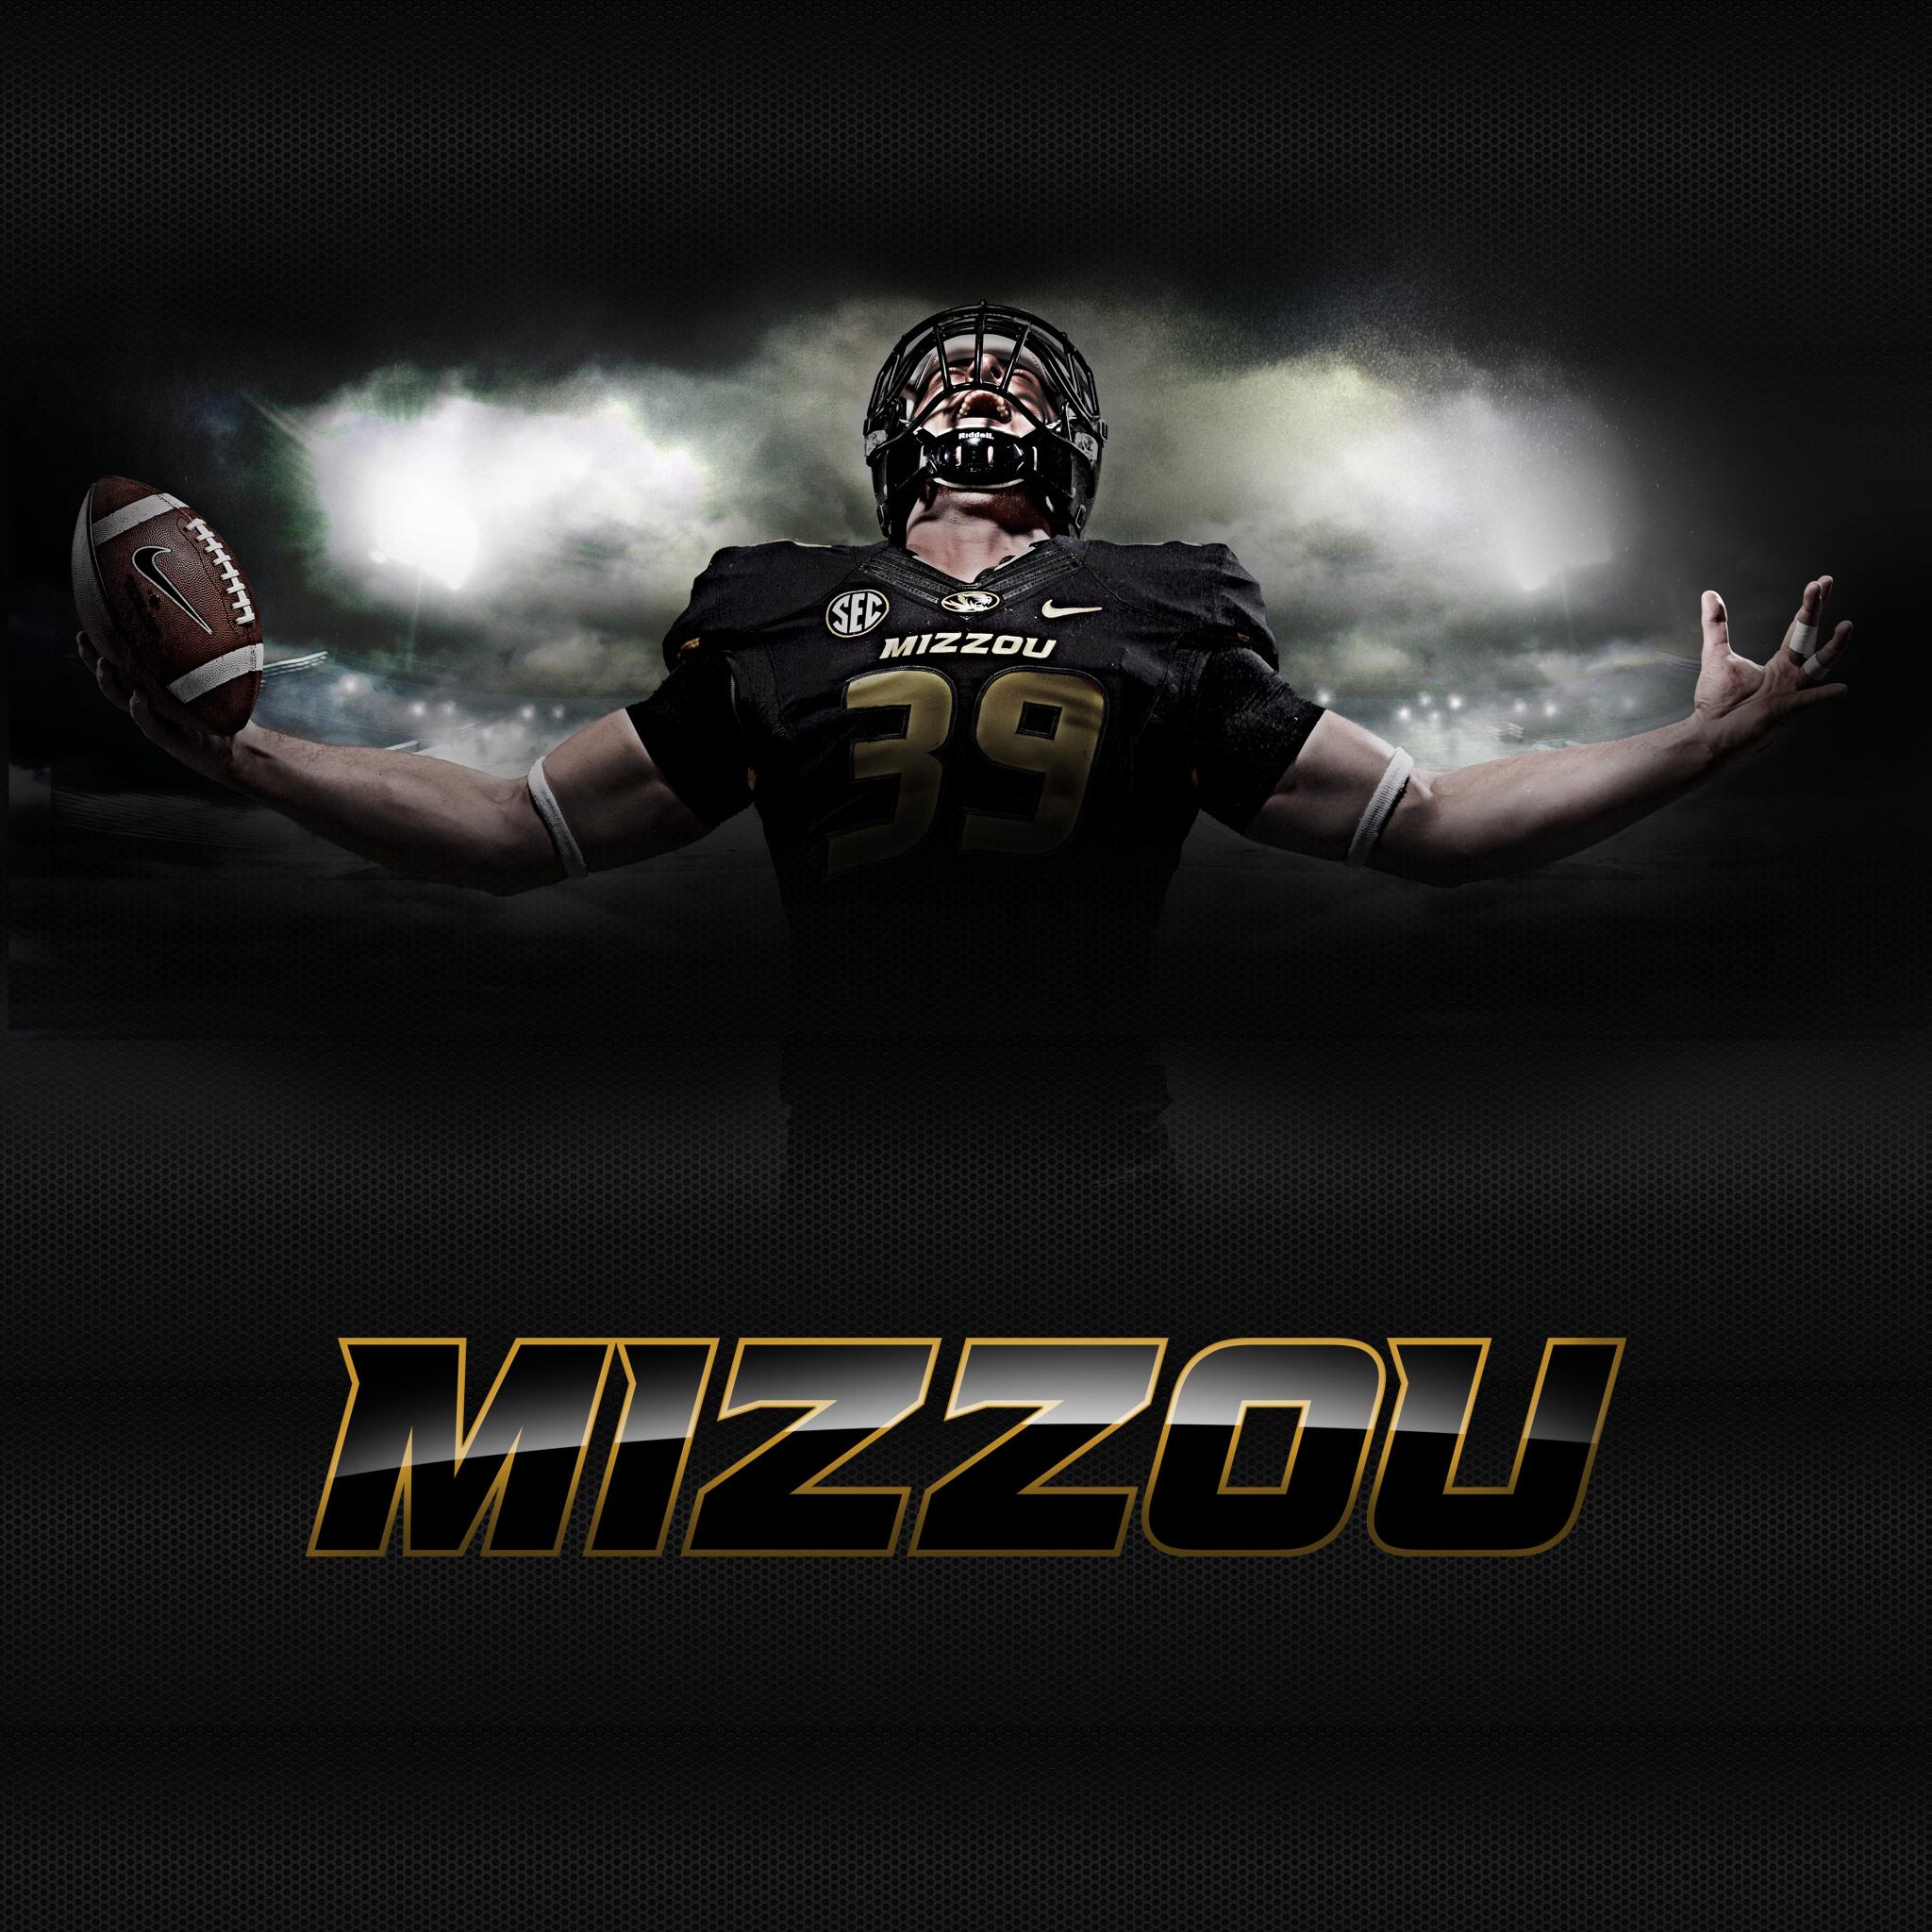 Missouri Tigers Wallpaper Download Missouri football wallpaper 2048x2048